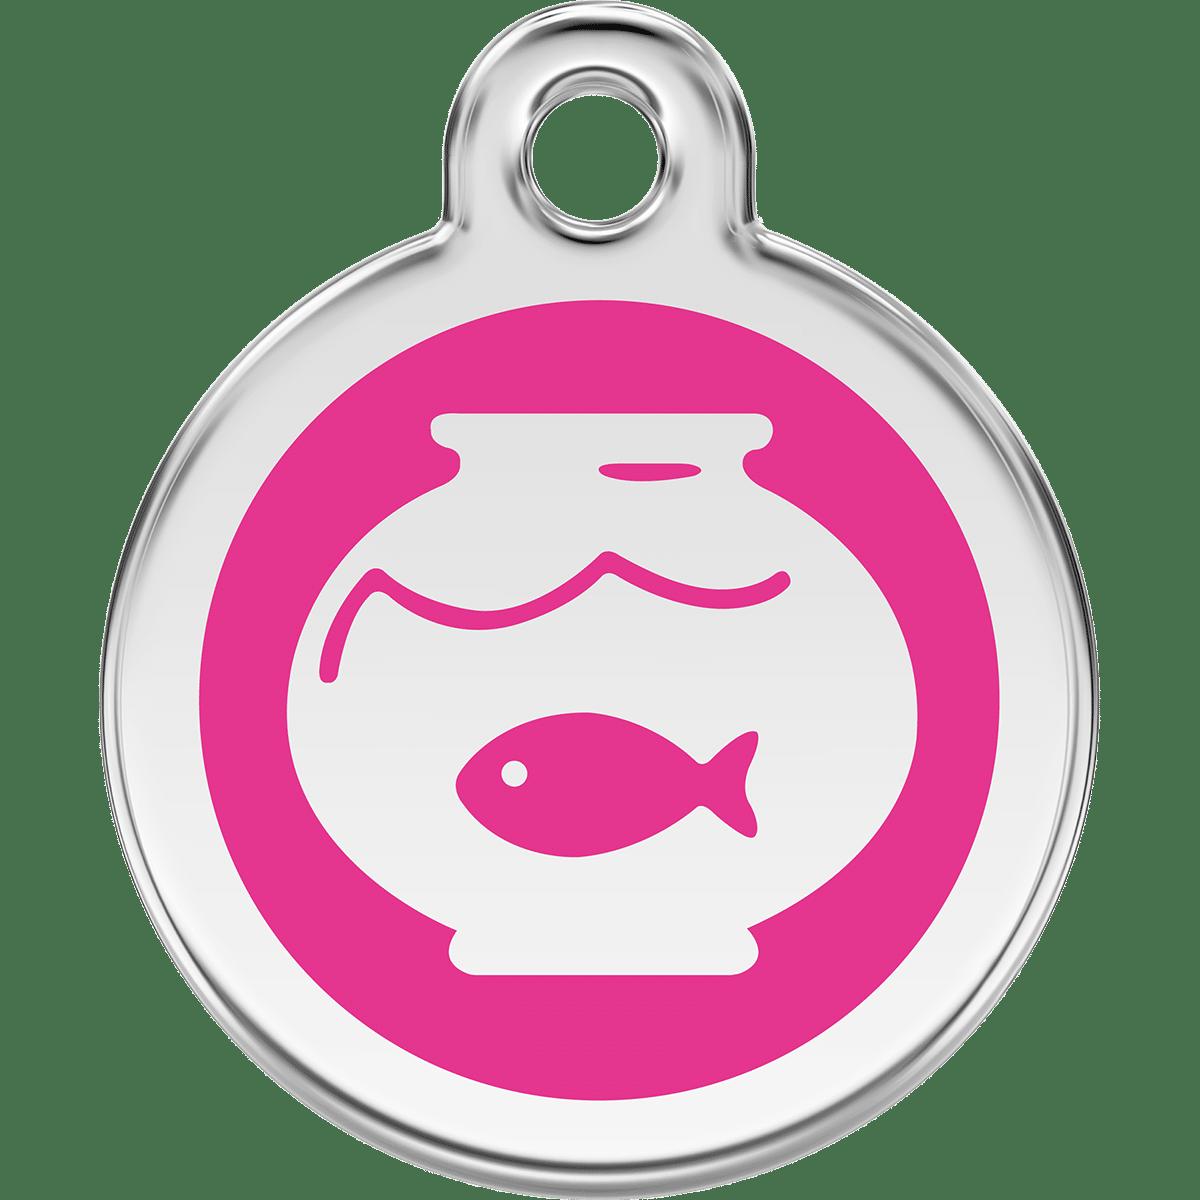 Fisk i akvarium- rosa id bricka till katten